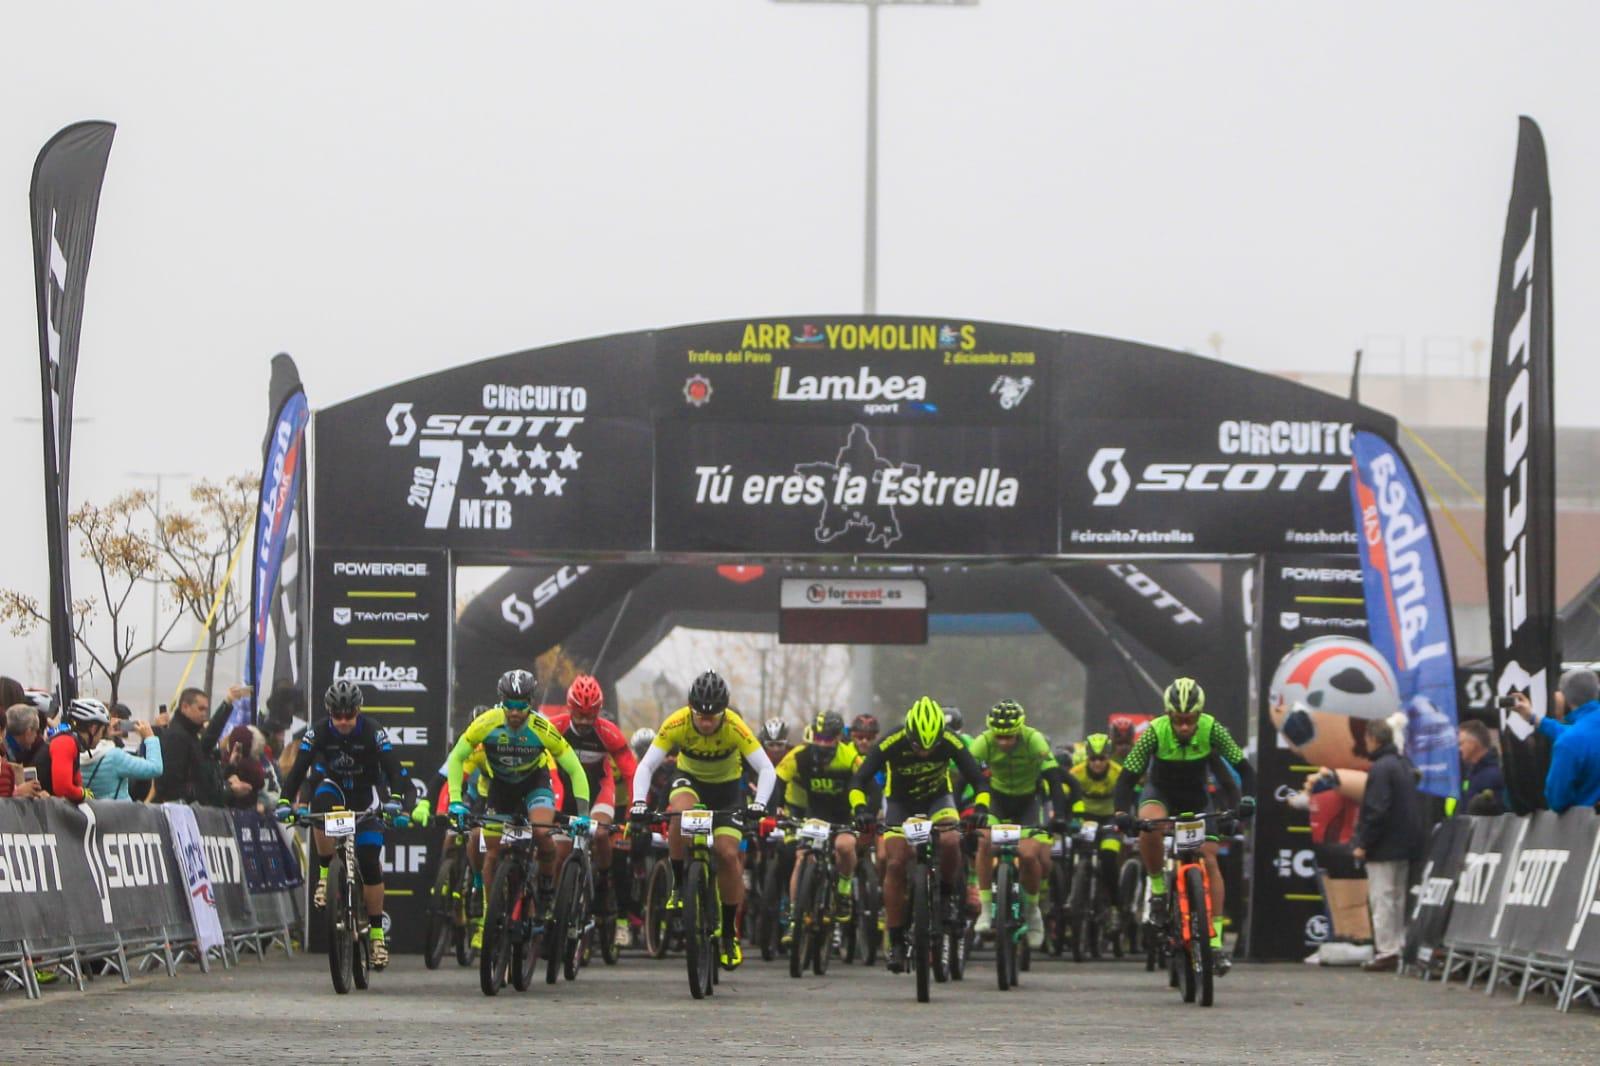 GP Lambea Sport en Arroyomolinos: una gran fiesta con cerca de 1.000 amantes del MTB